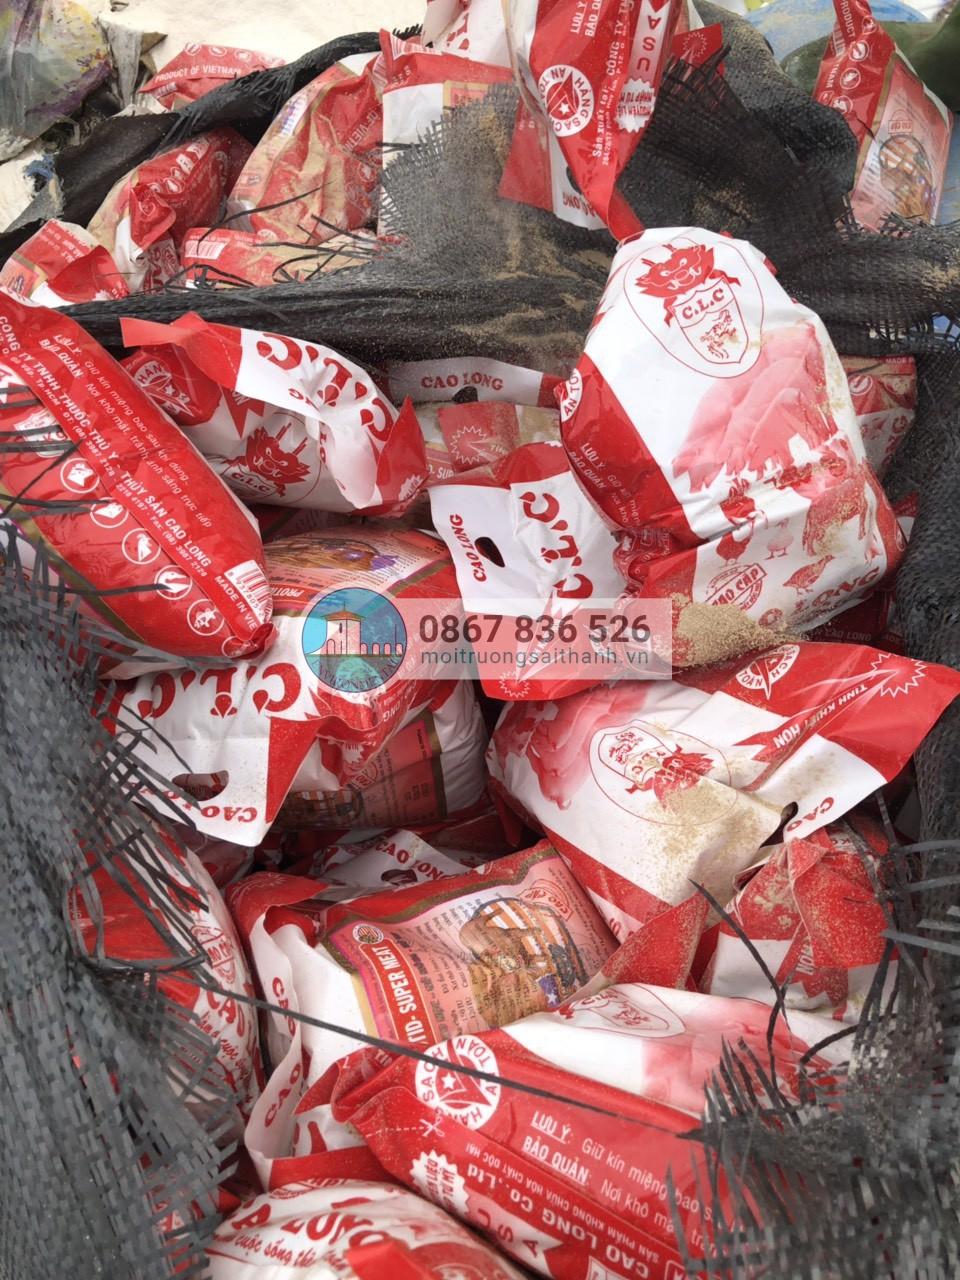 Tiêu hủy lô hàng thức ăn gia súc không đạt chất lượng